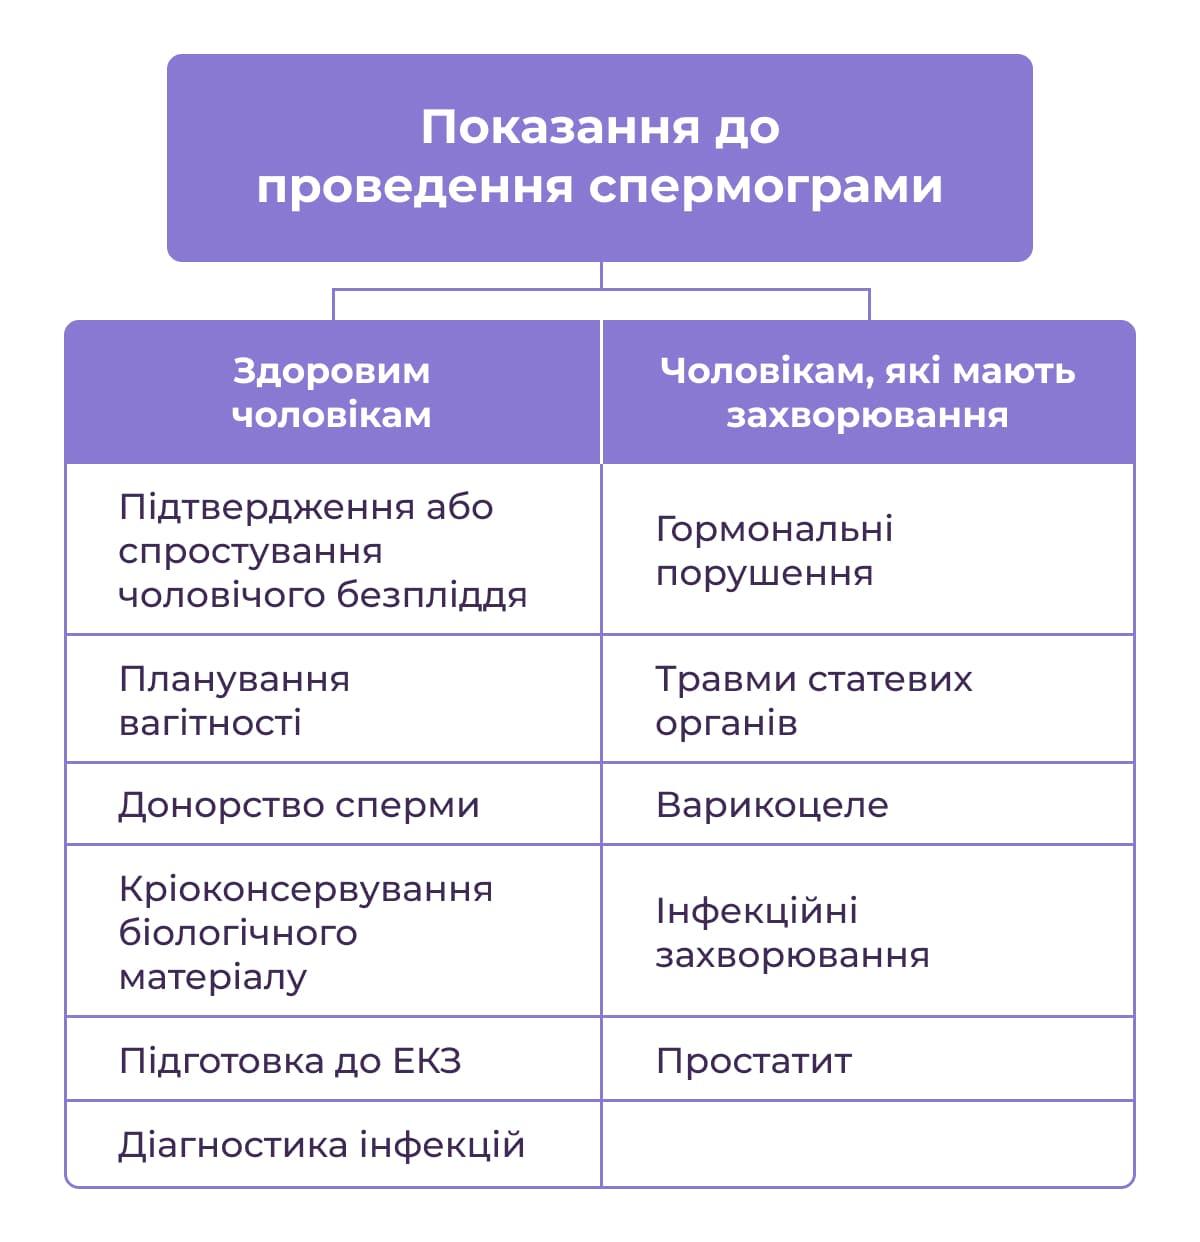 Спермограма - важливий діагностичний аналіз фото 1